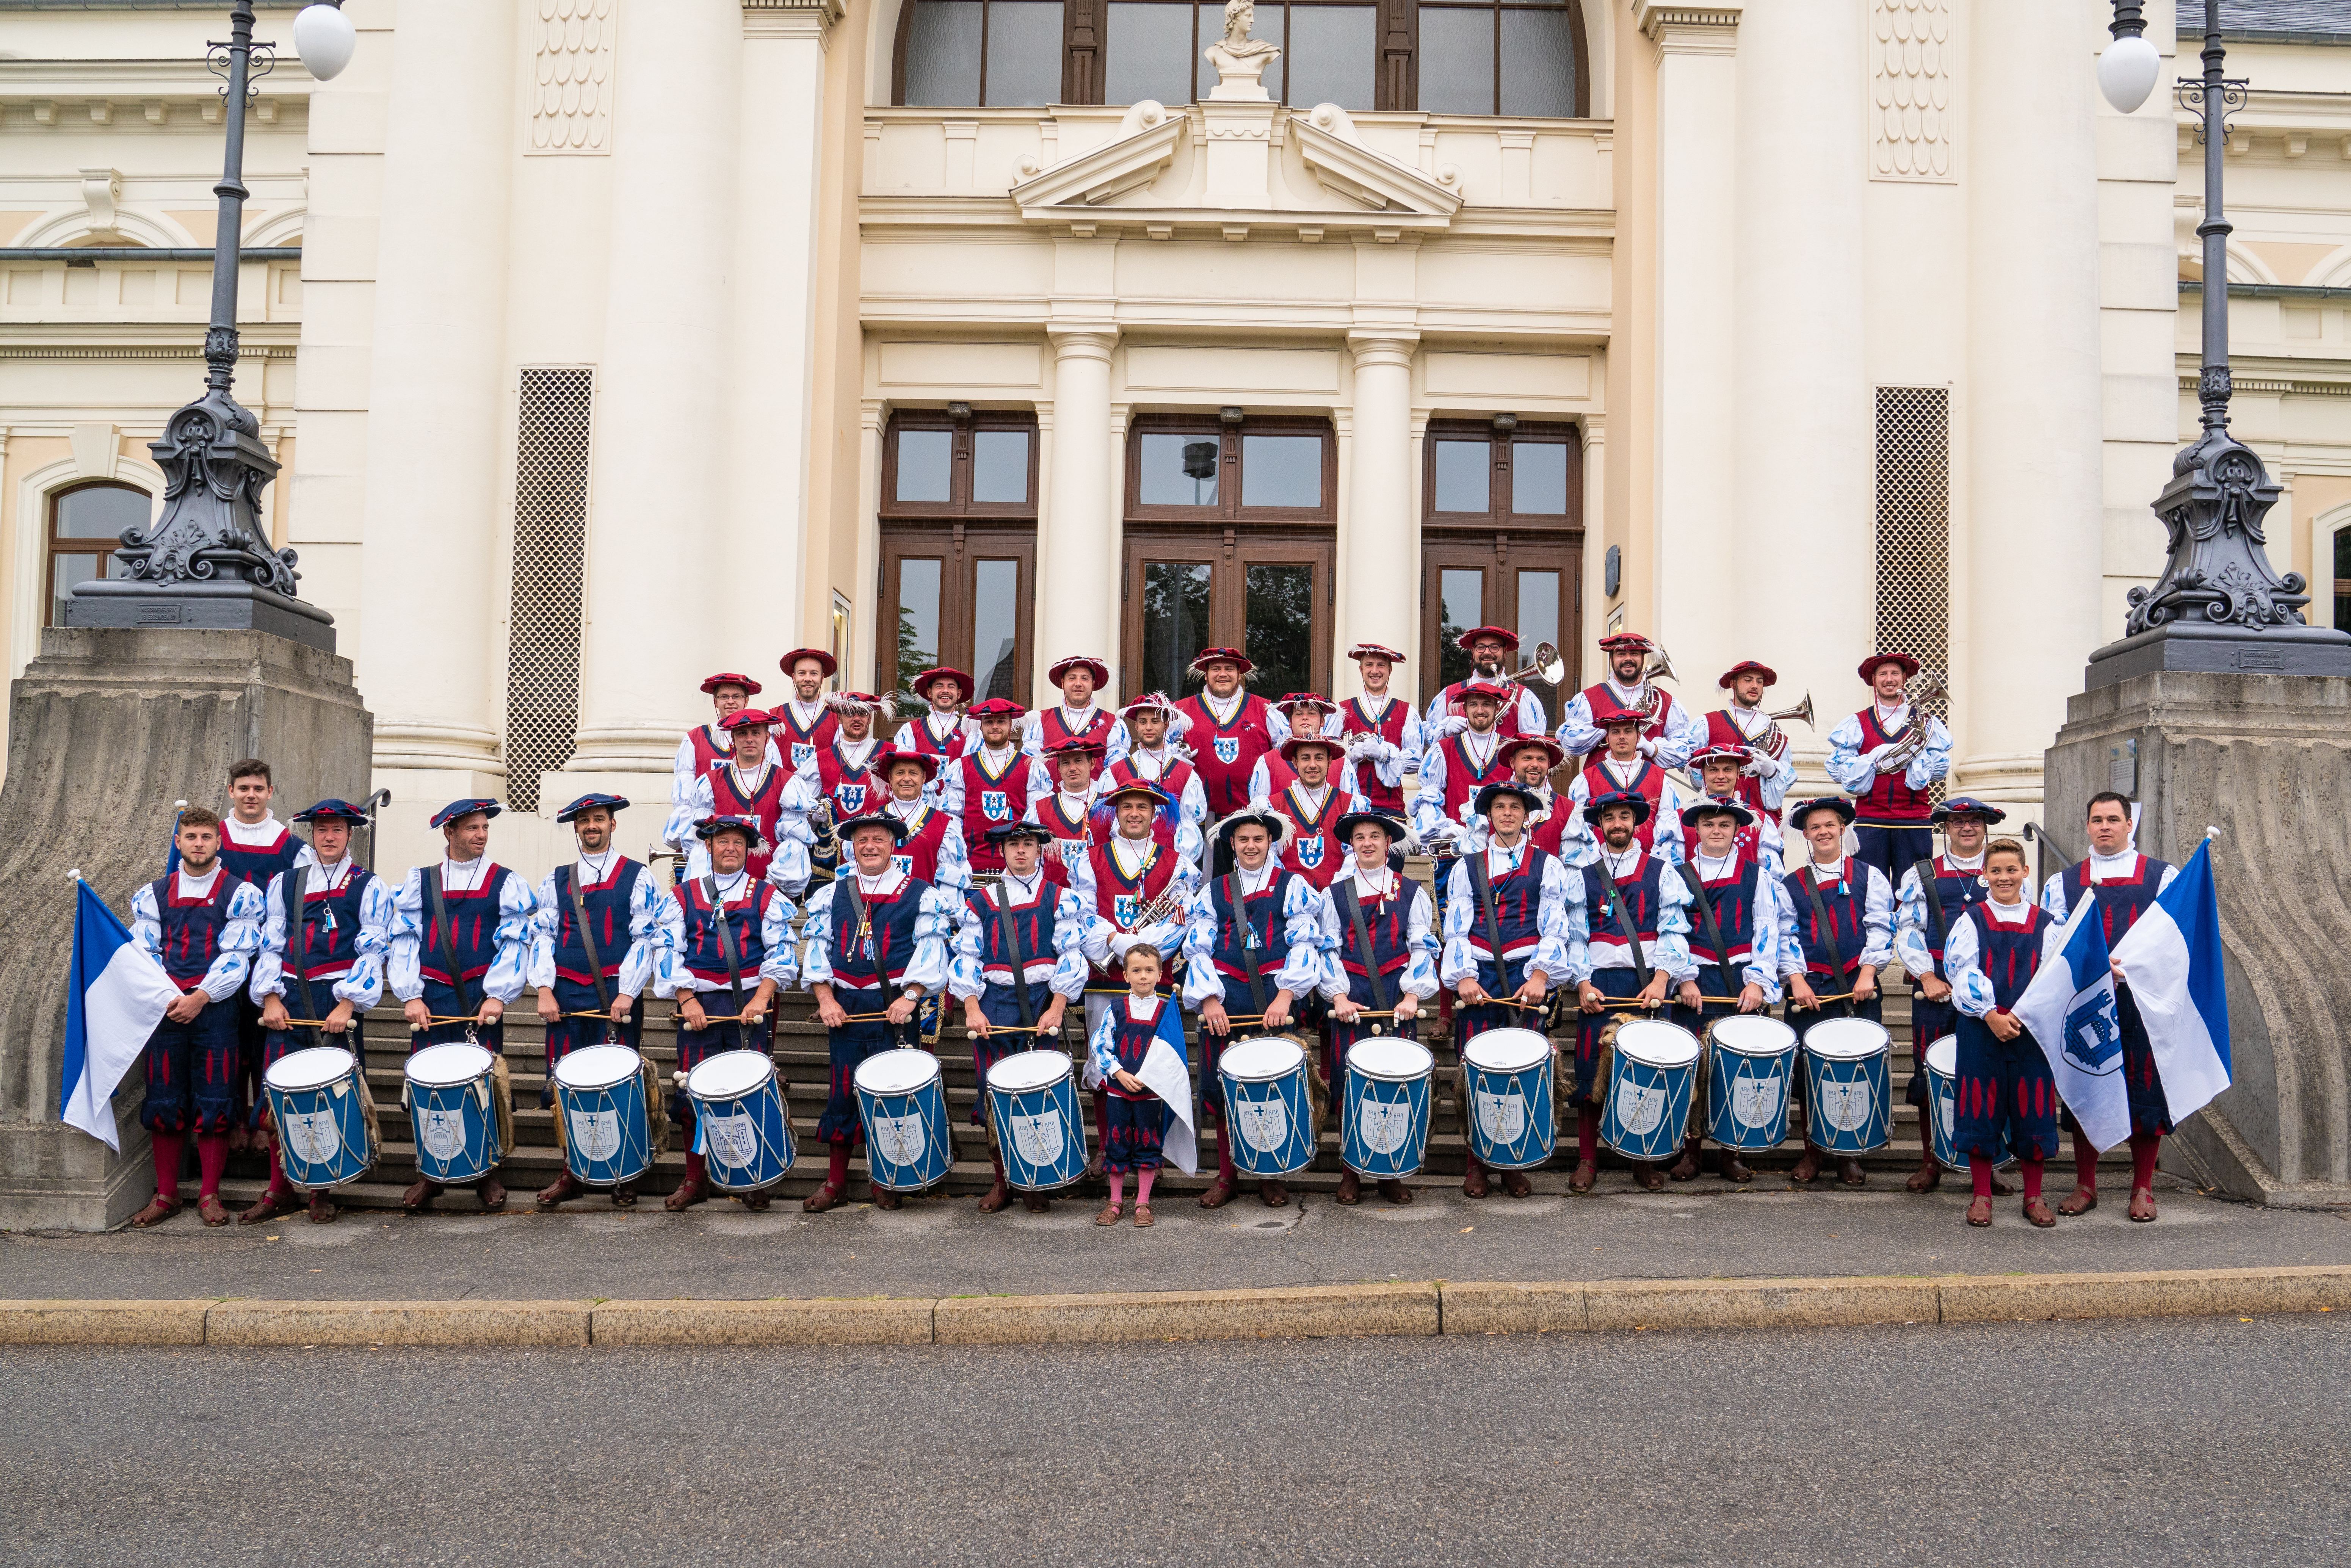 Die aktiven Mitglieder des Fanfarenzug Rauenspurg beim Rutenfest 2018